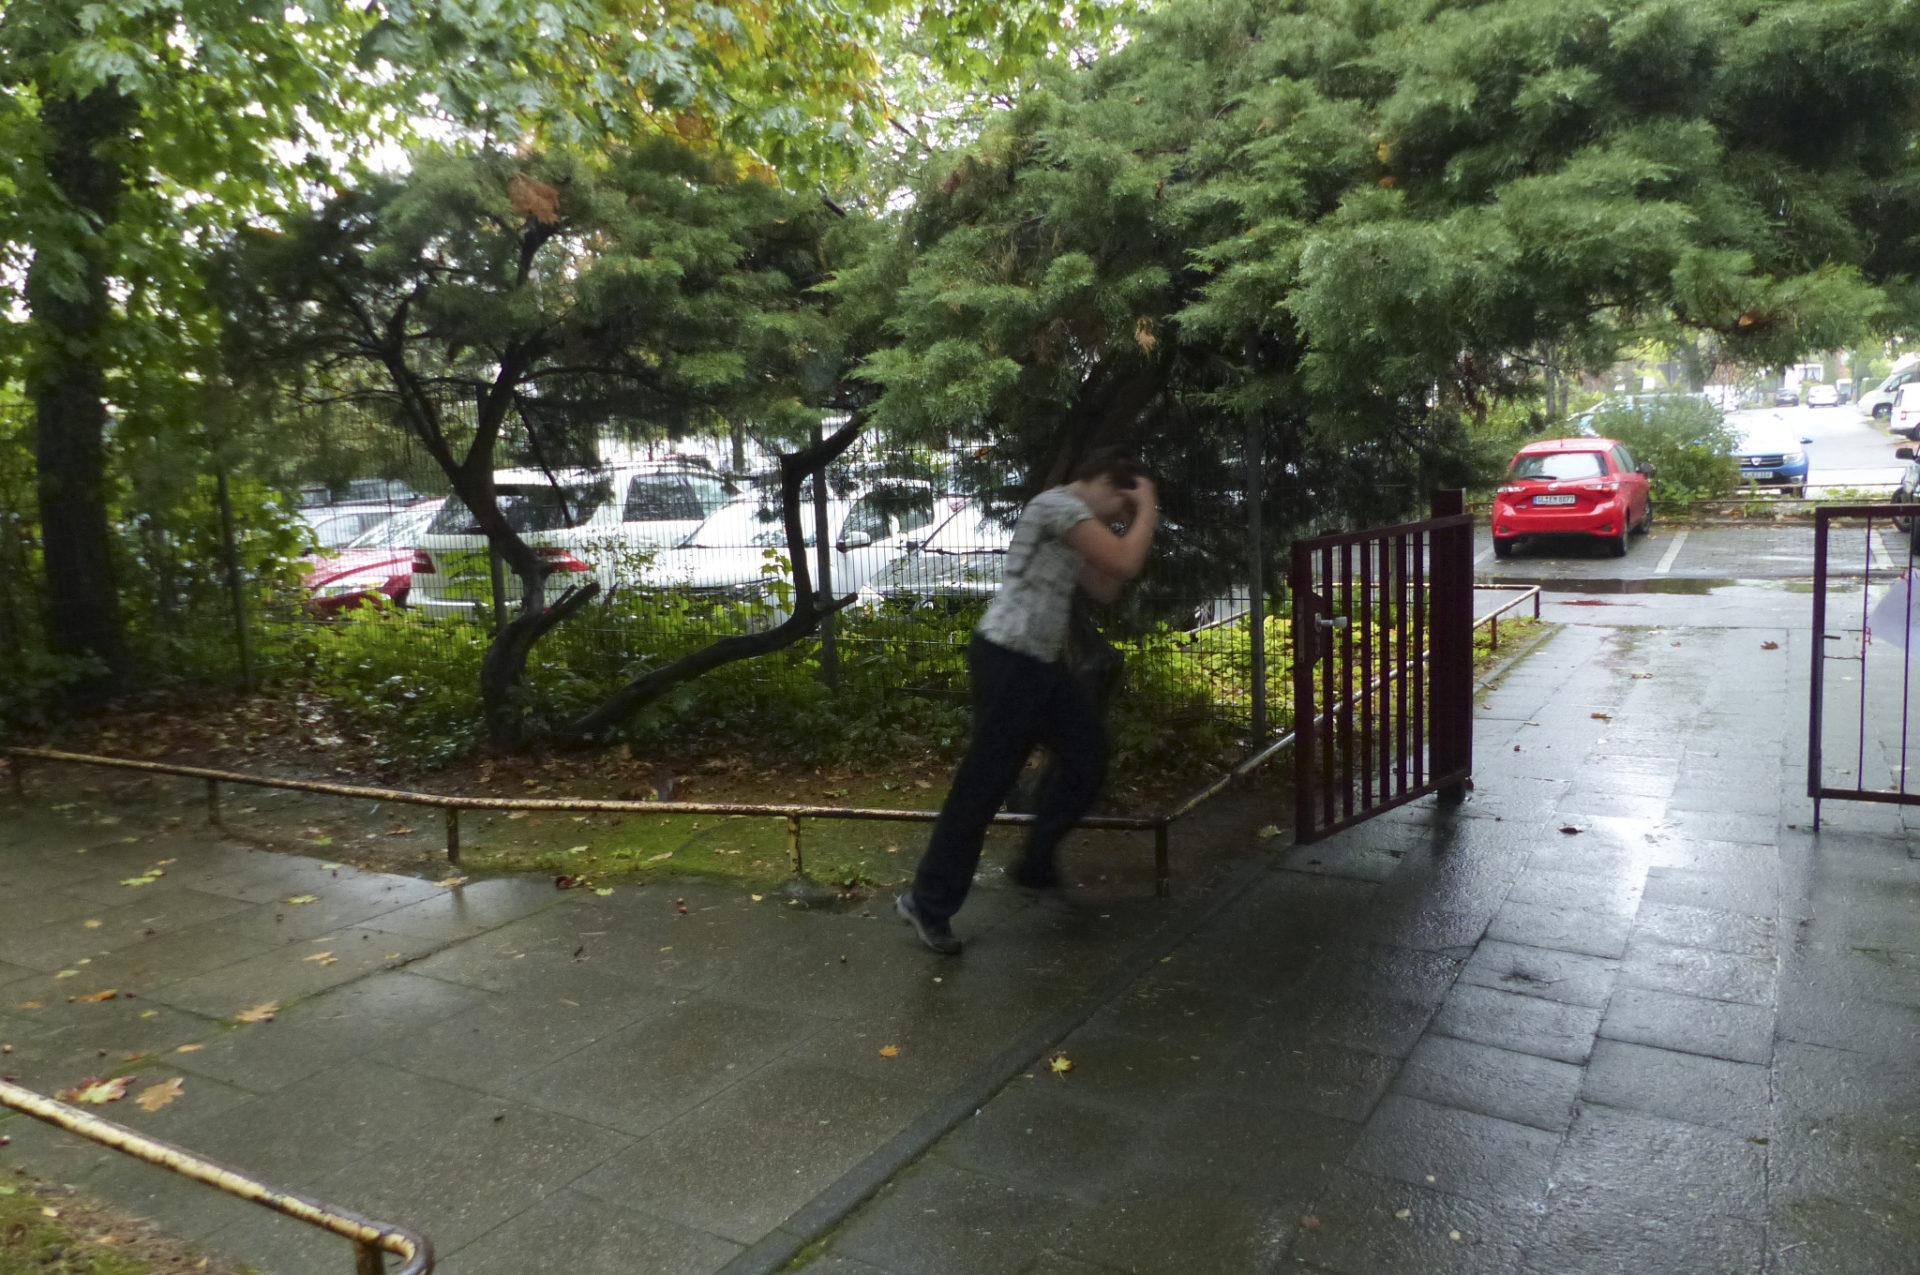 Ein Kind rennt zum Ausgang einen Hofes